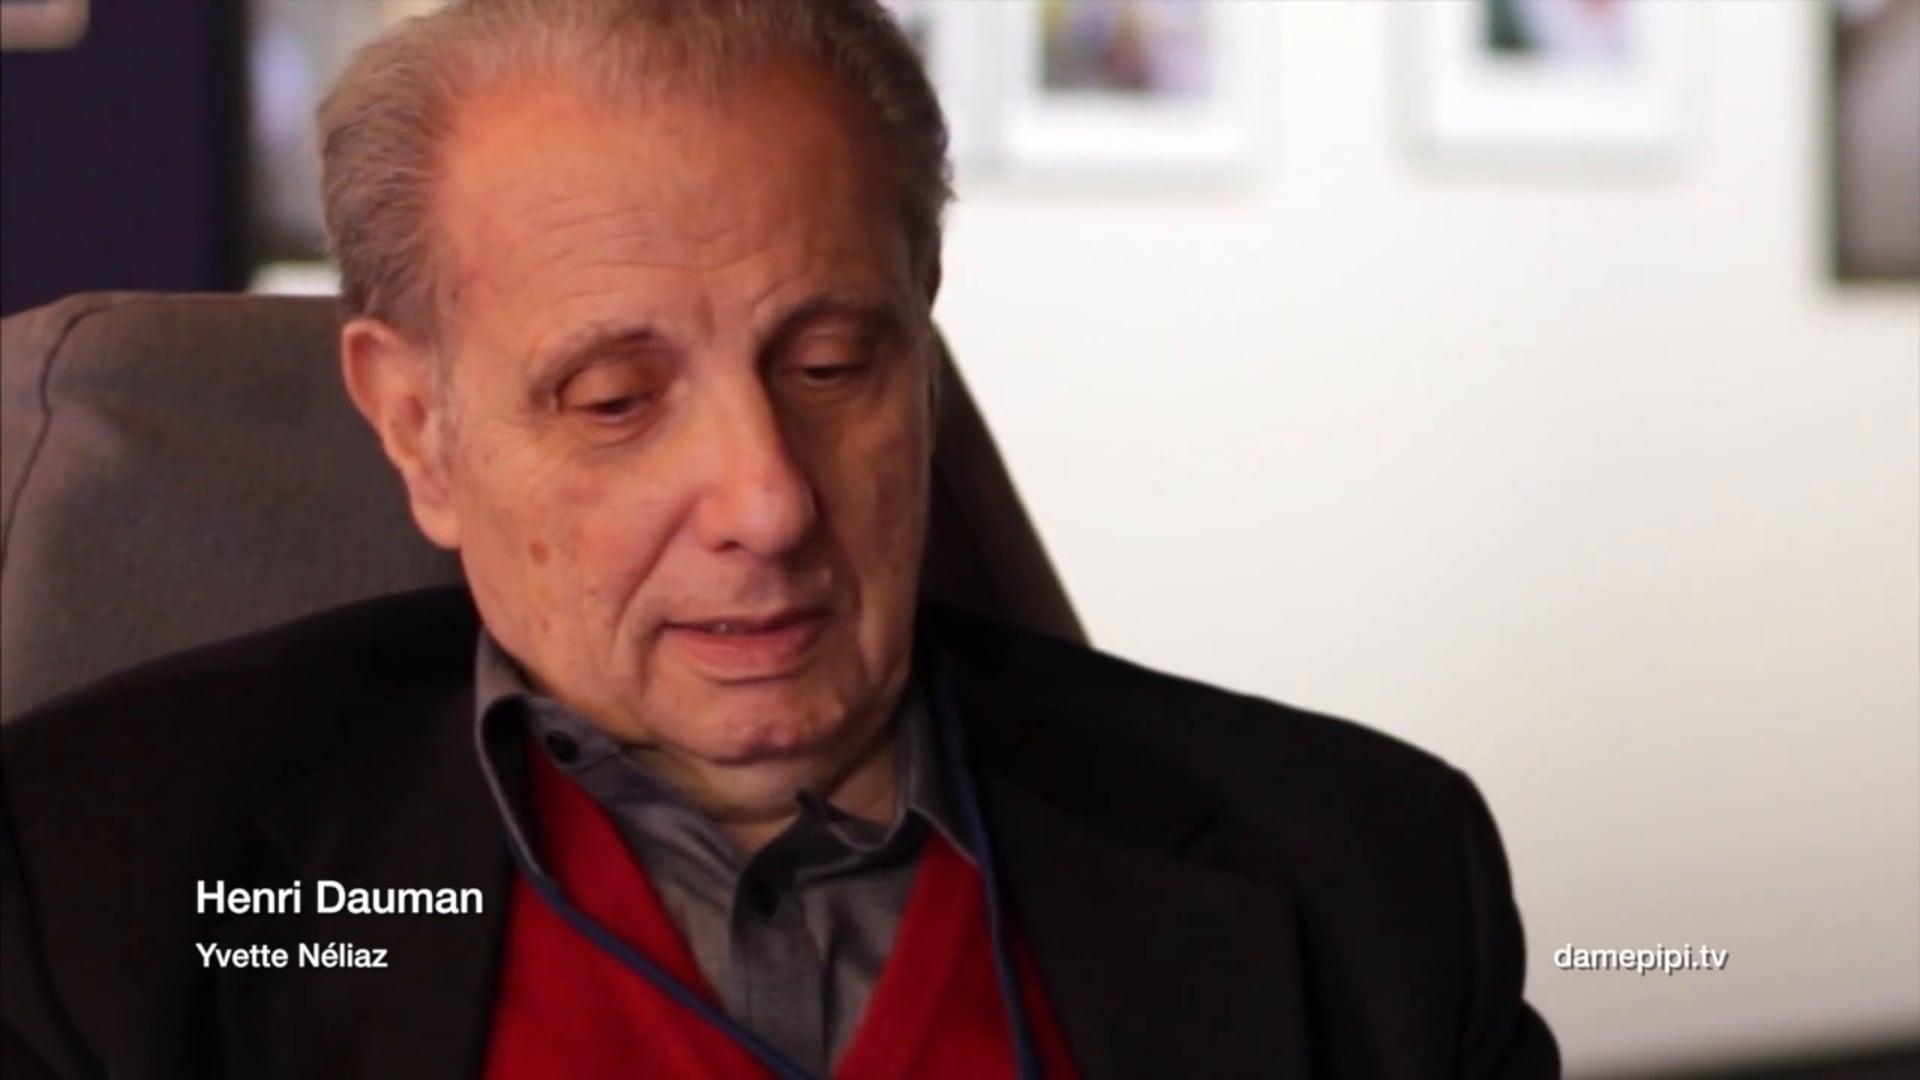 Henri Dauman interview Palais d'Iéna